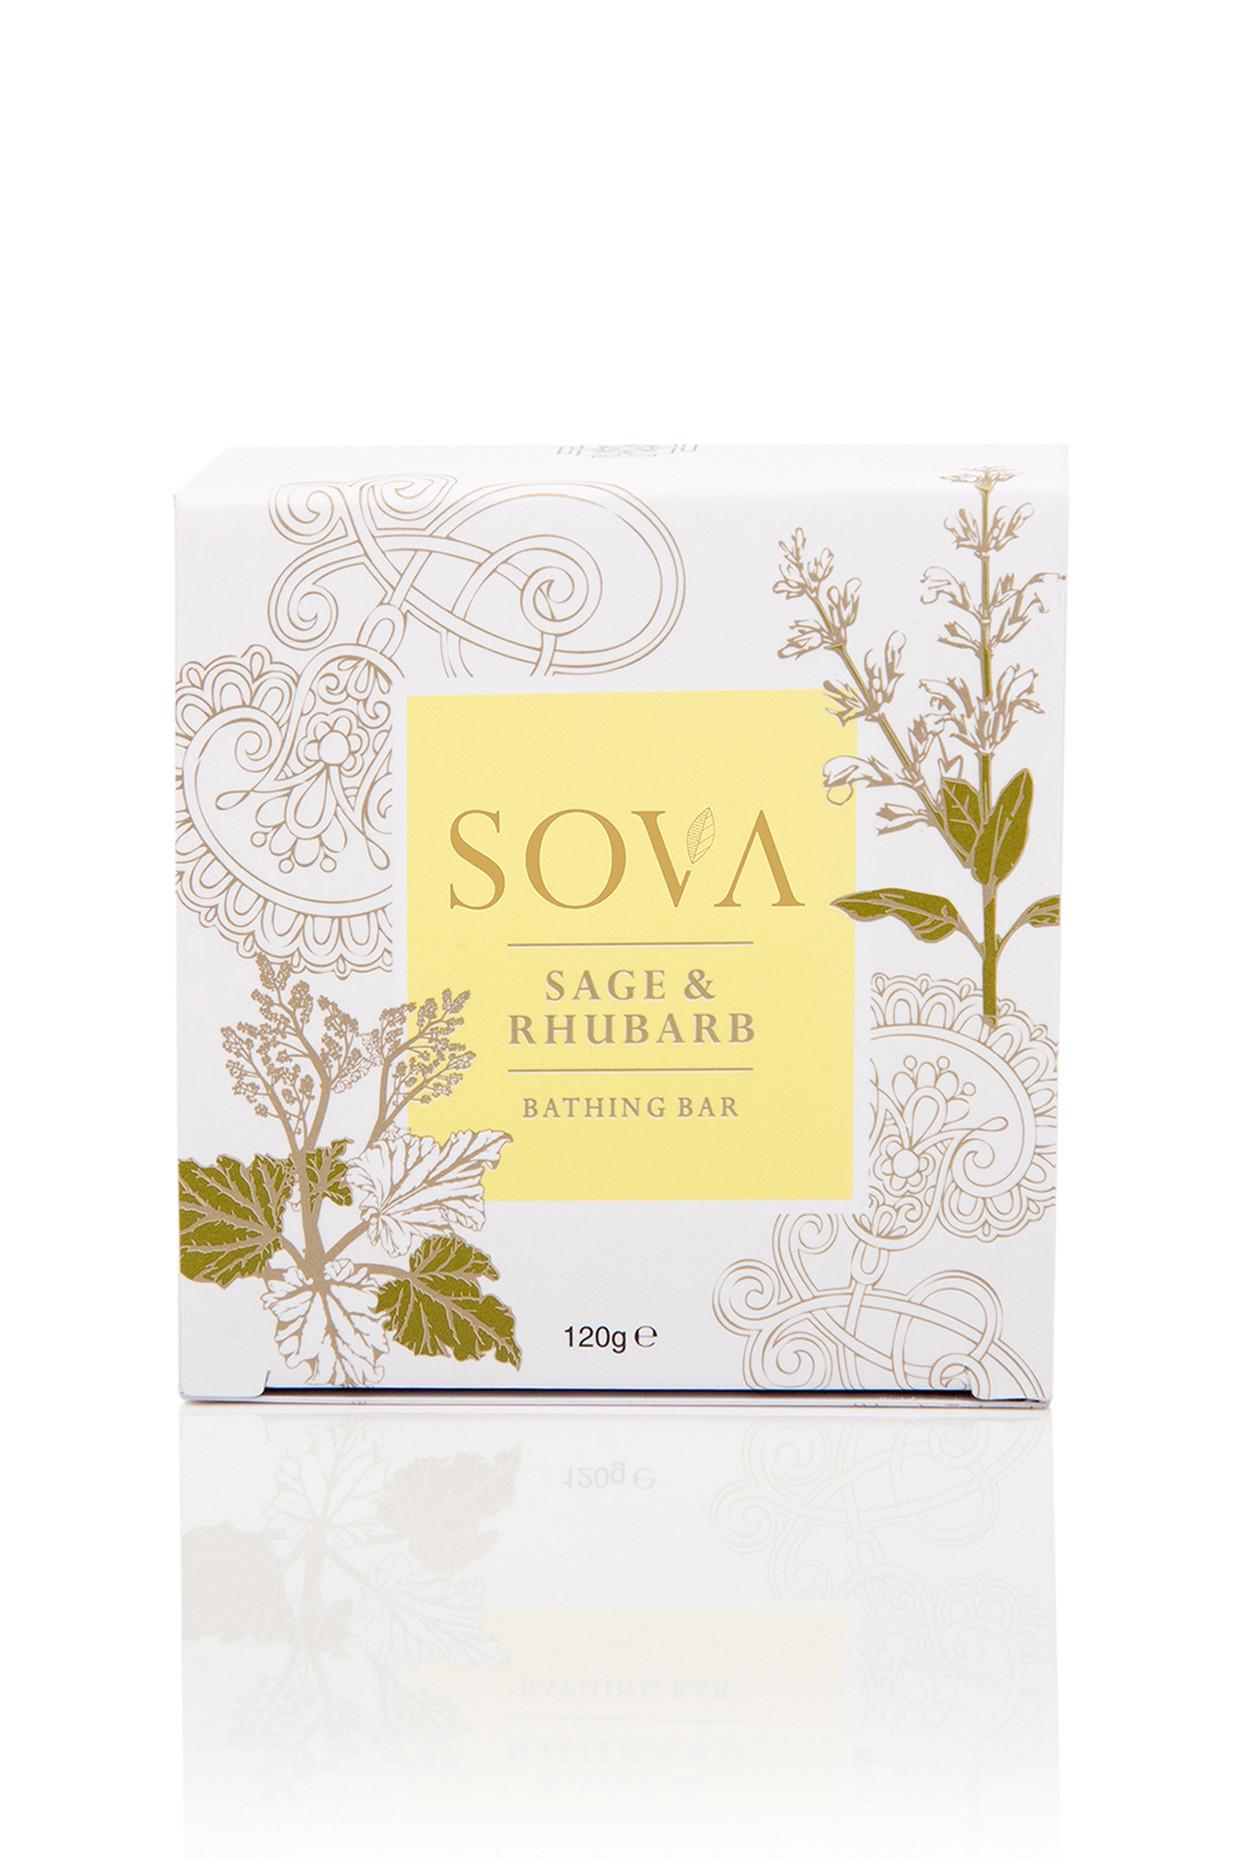 Rhubarb & Sage Bathing Bar For All by SOVA